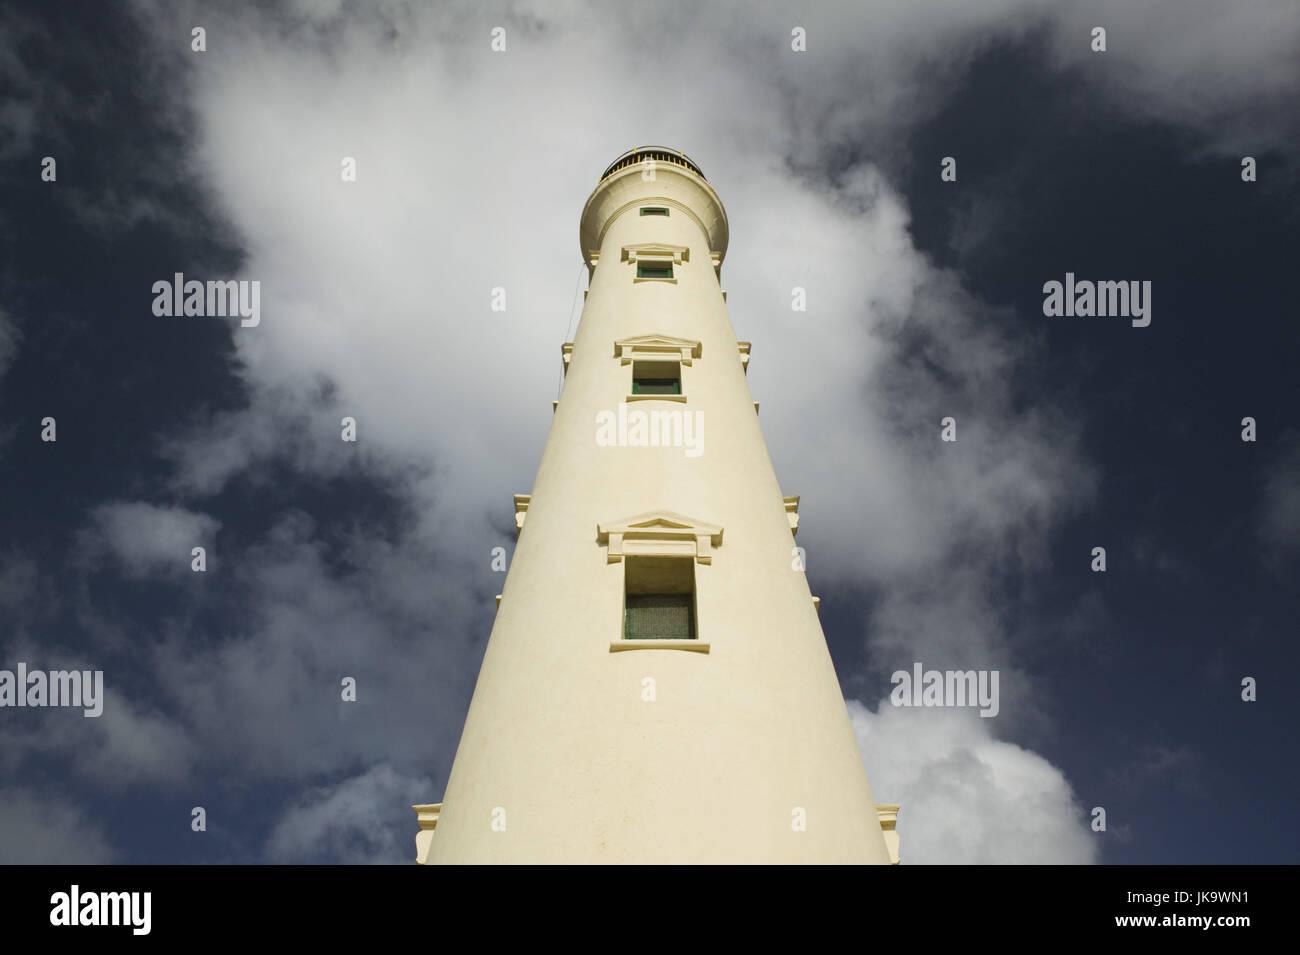 Aruba, Nordküste, Leuchtturm, California Leuchtturm, von unten, Wolkenhimmel, ABC-Inseln, Kleine Antillen, Stockbild